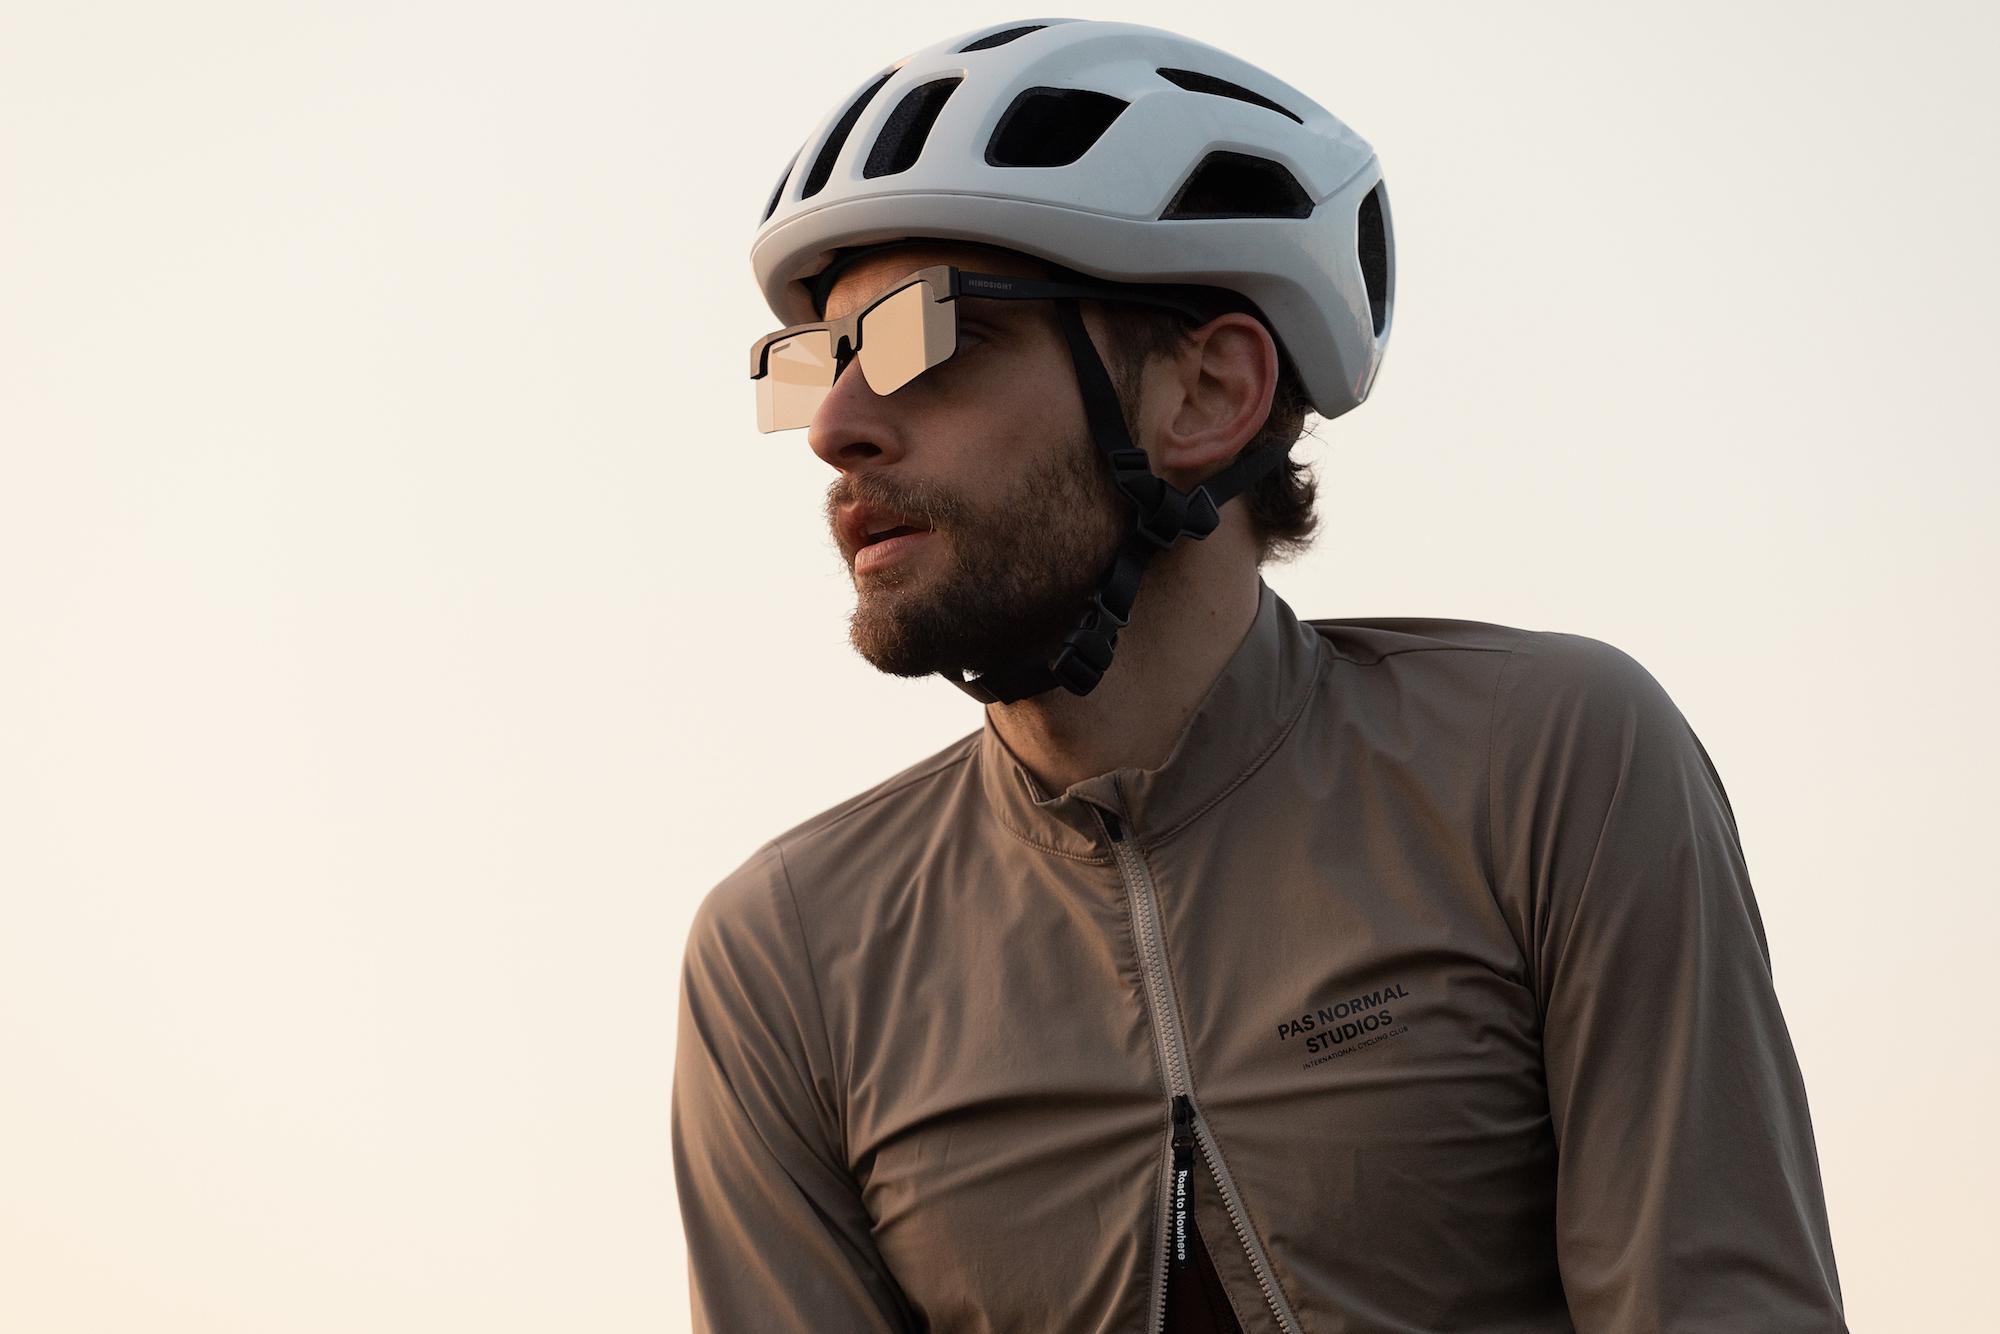 Fahrradbrille mit Rückspiegel geht in weltweiten Verkauf